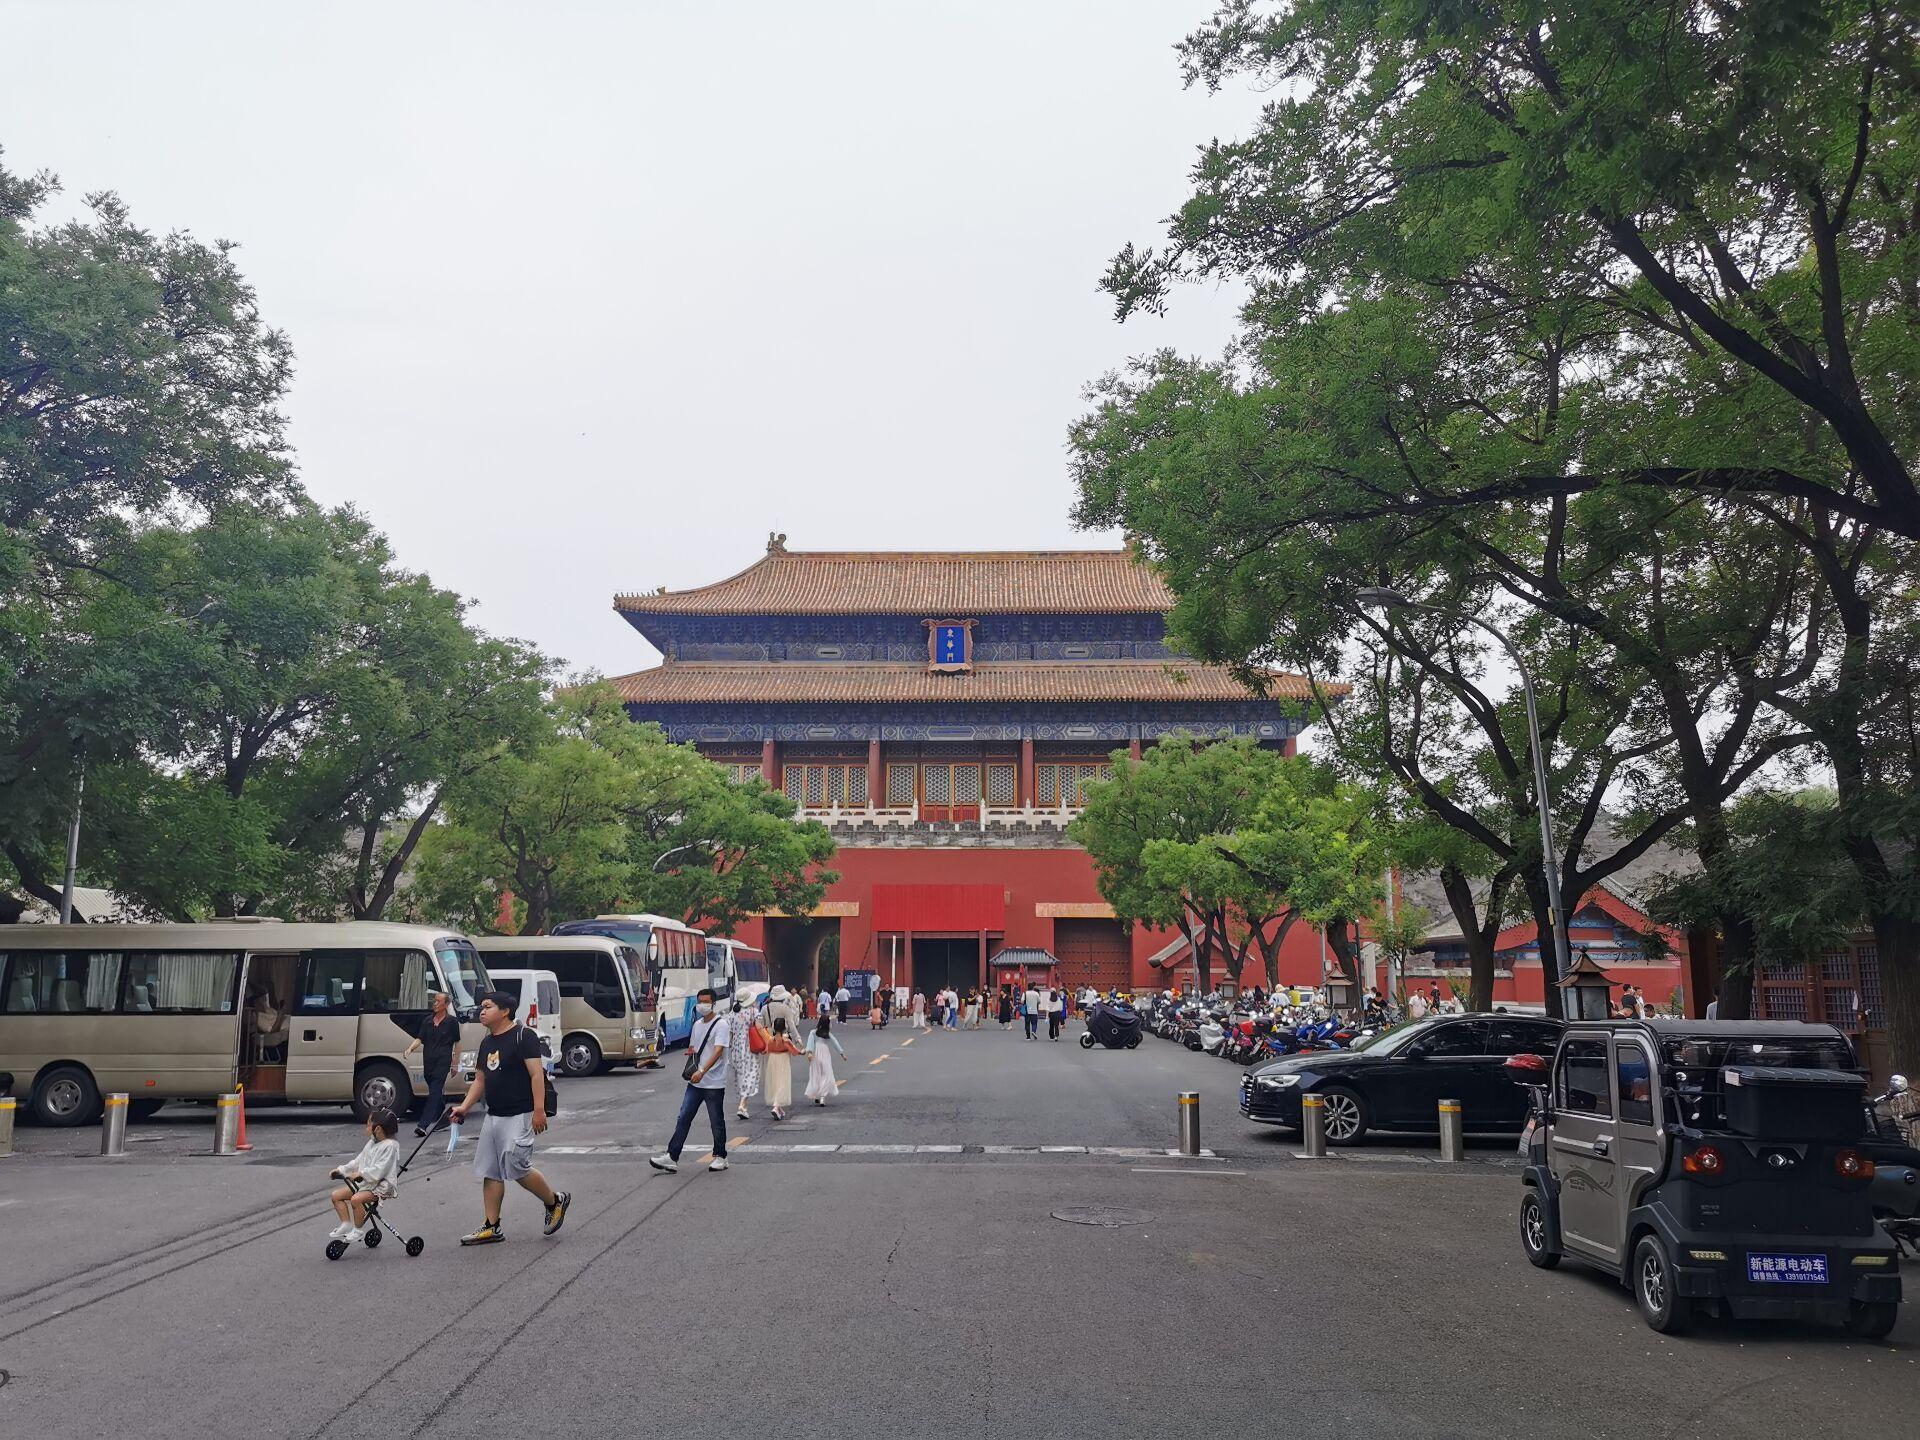 北京故宫之门01.jpg